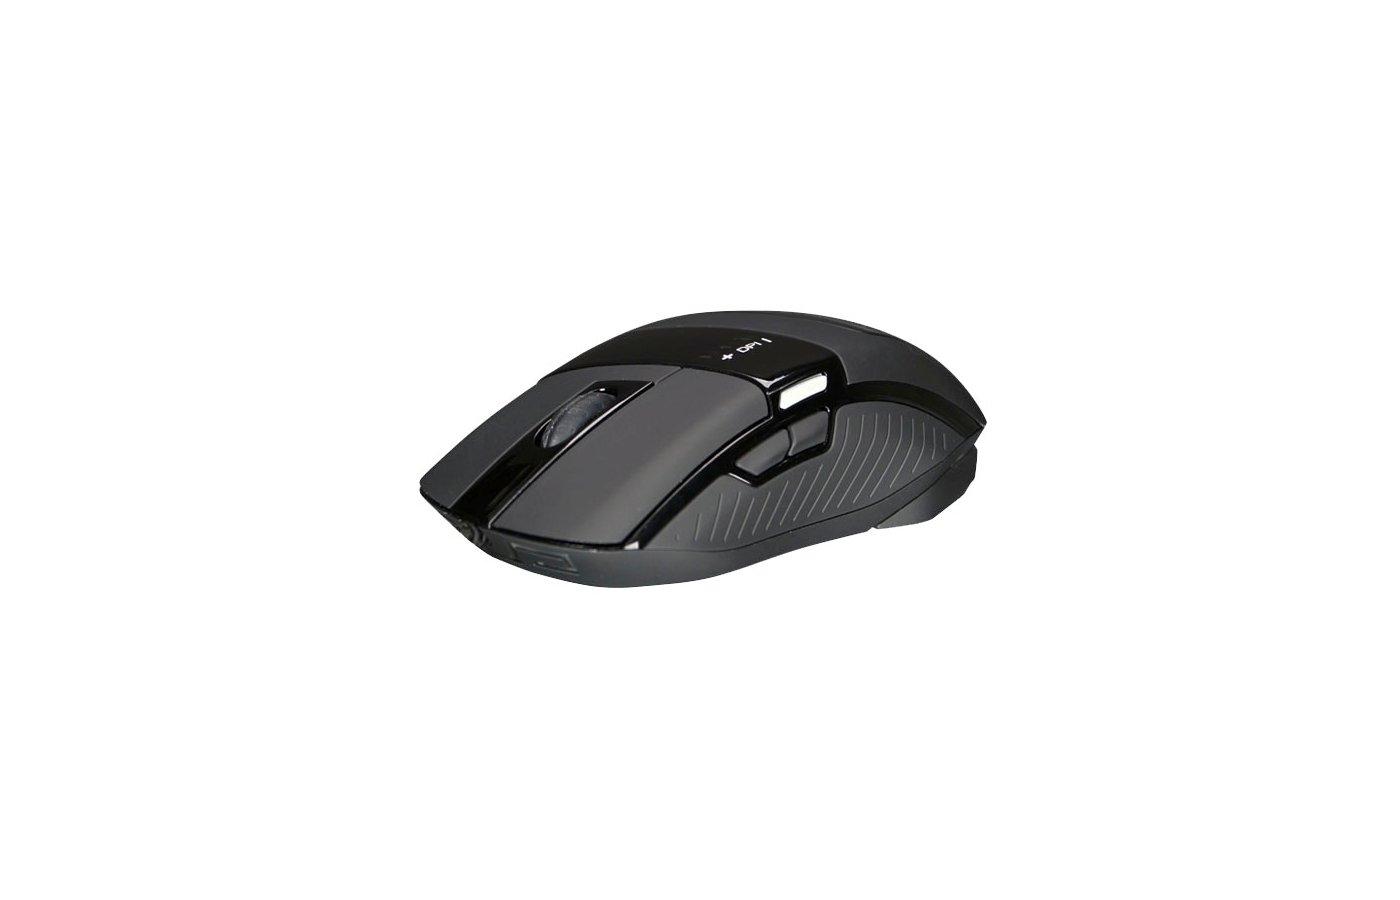 Мышь проводная Zalman ZM-M501R USB Gaming Mouse 4000dpi (Avago 3050) 9 buttons 4x LED illumination weight adjustmen